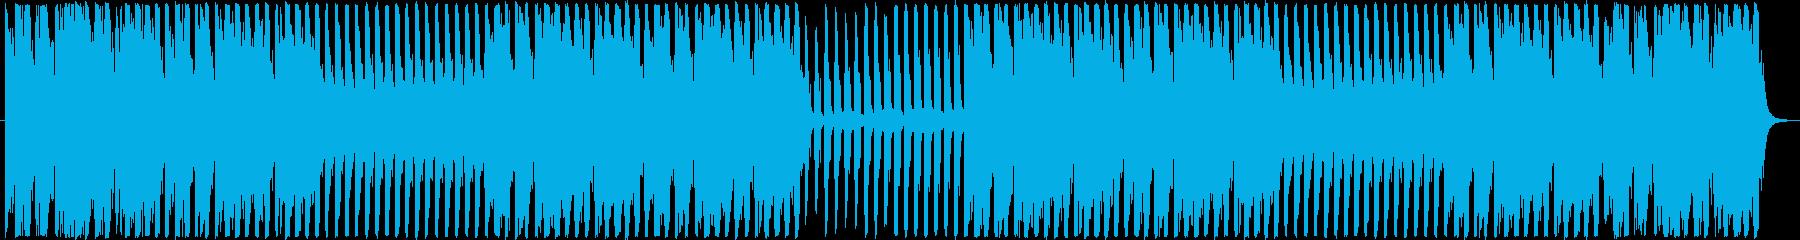 明るく楽しい曲ですの再生済みの波形